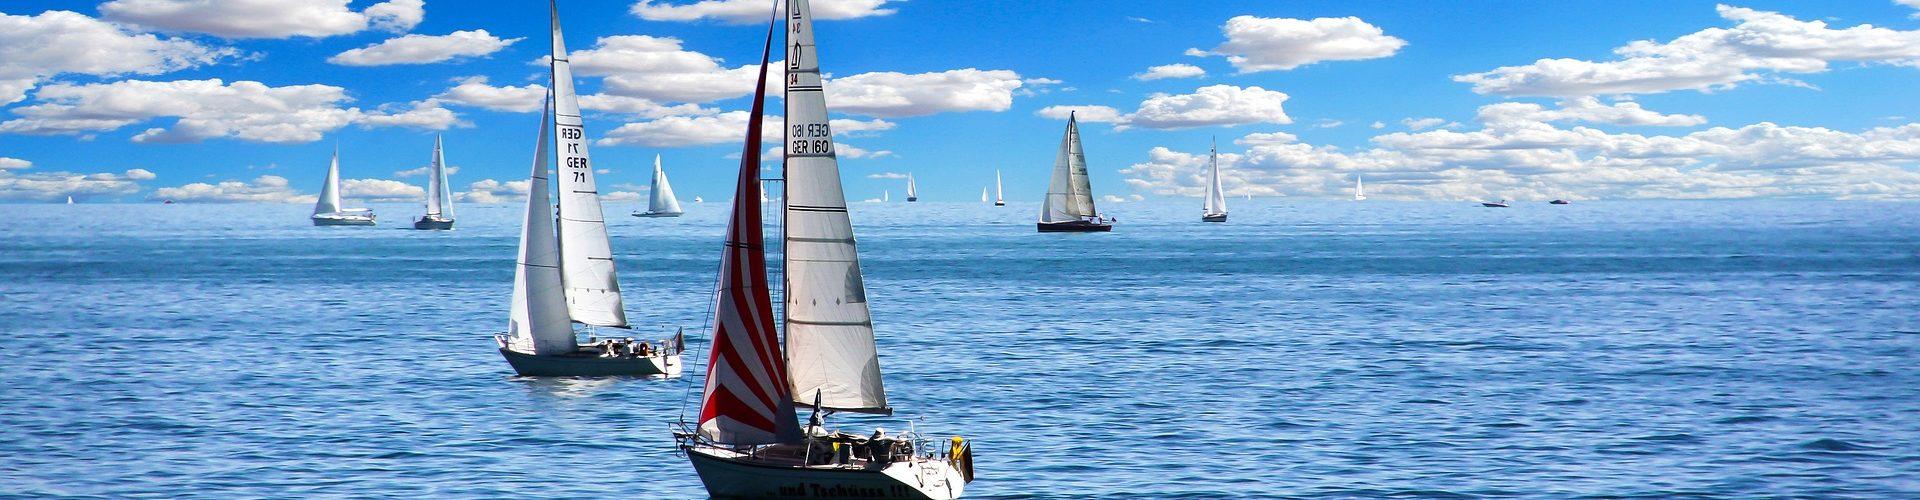 segeln lernen in Sierksdorf segelschein machen in Sierksdorf 1920x500 - Segeln lernen in Sierksdorf